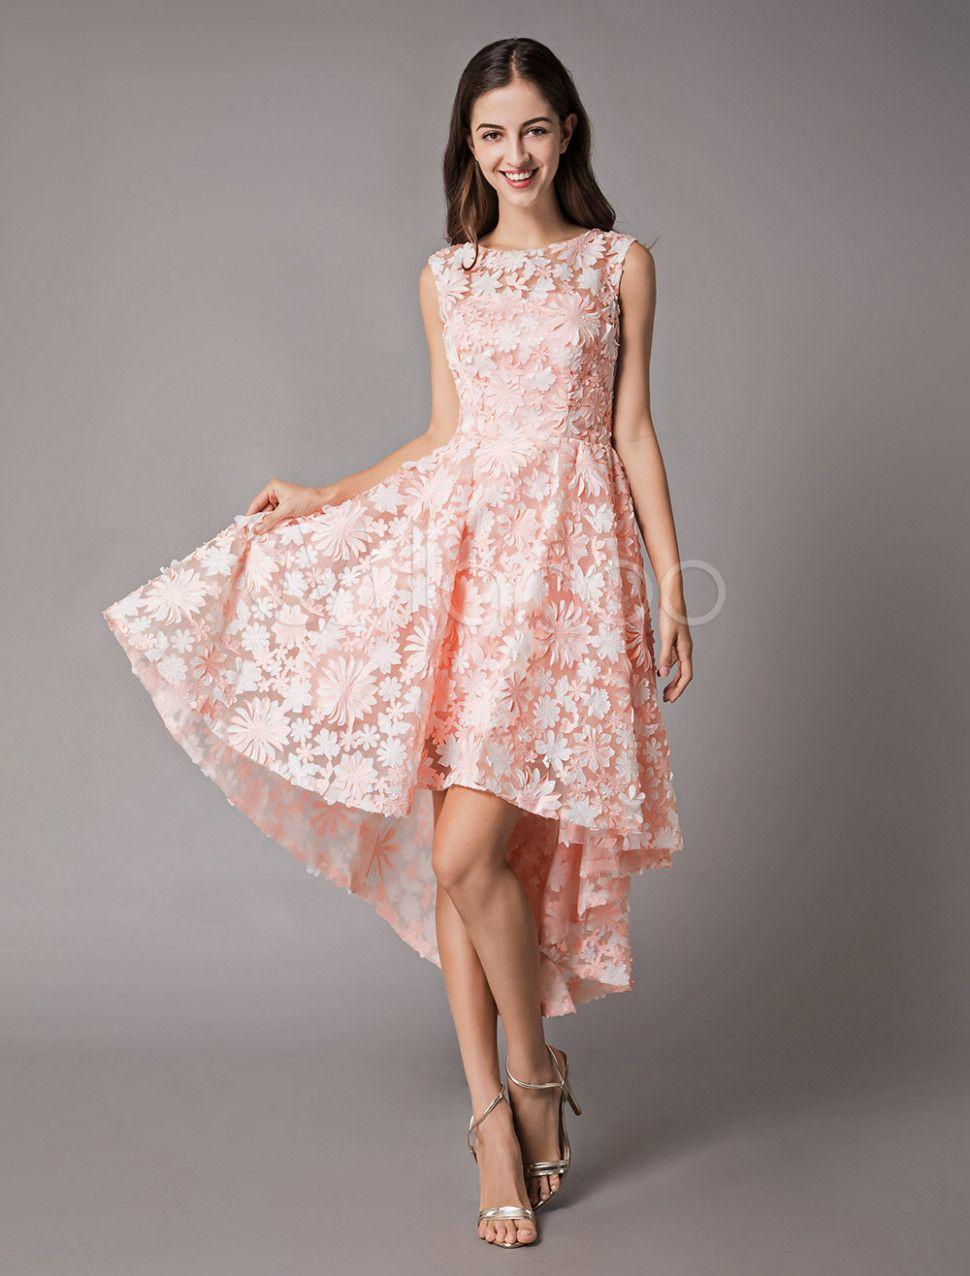 12 Abendkleider Cocktailkleider Gunstig In 2020 Cocktailkleid Abendkleid Kleid Spitze